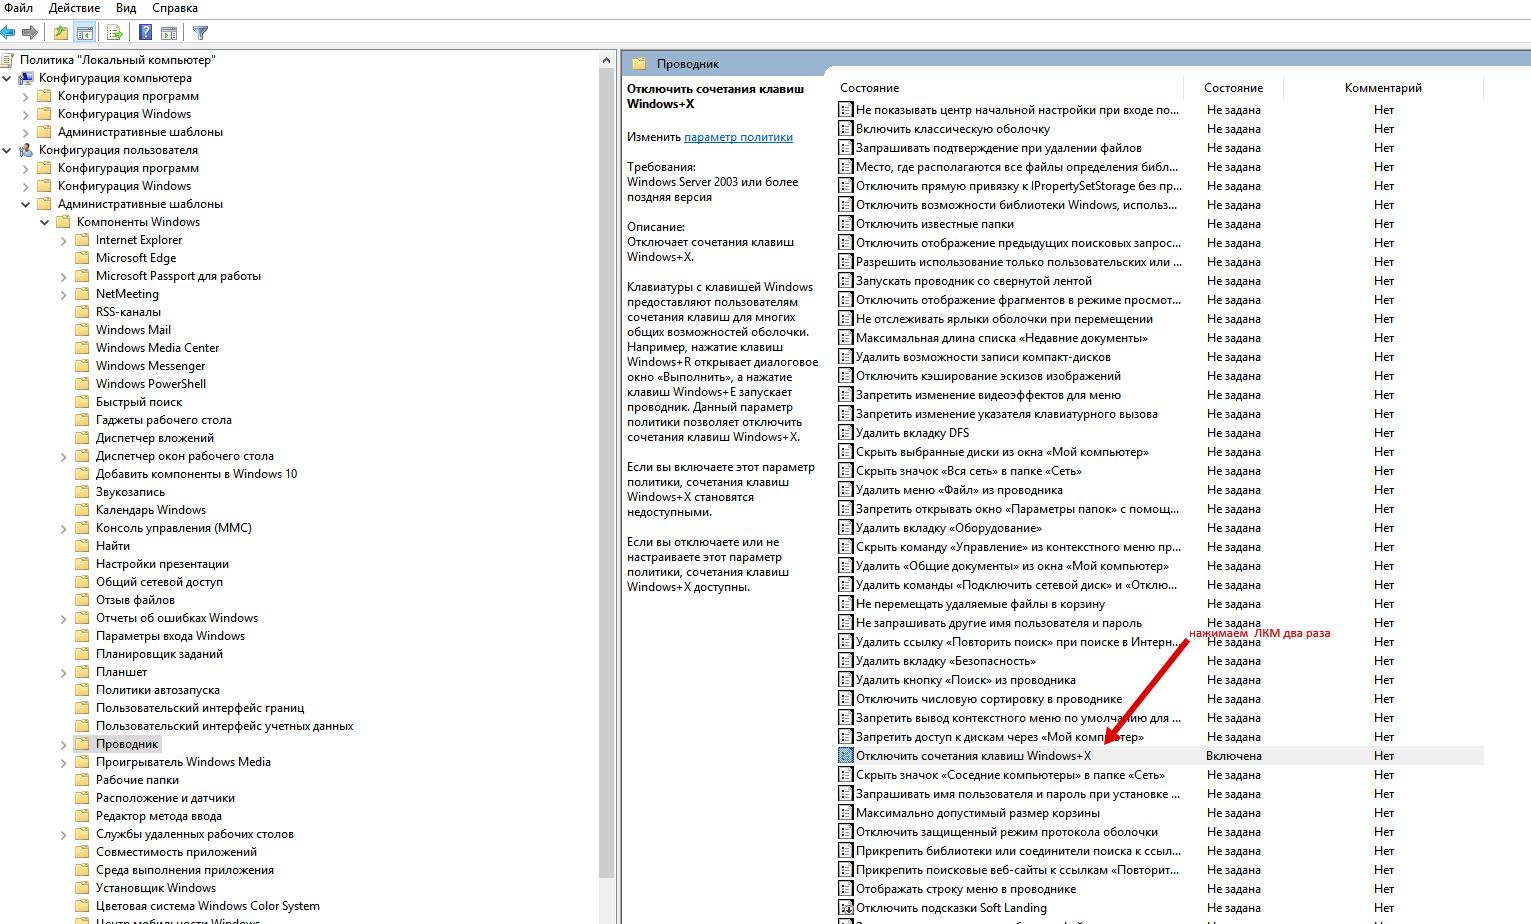 Выбираем отключить сочетание клавиш Windows + X